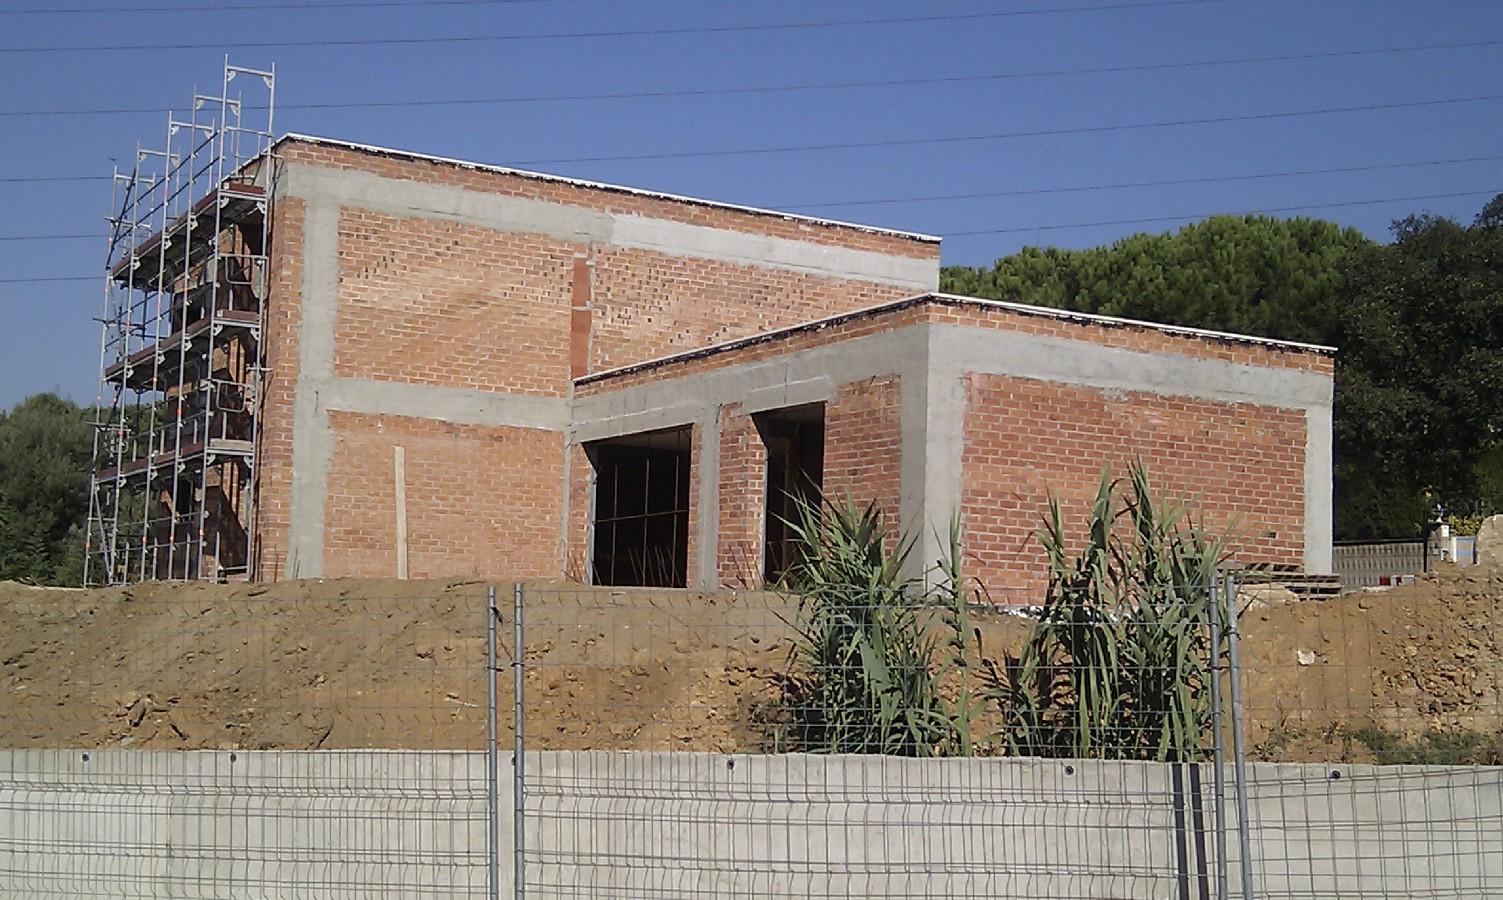 Vivienda unifamiliar 2 plantas proyectos construcci n casas - Construccion vivienda unifamiliar ...